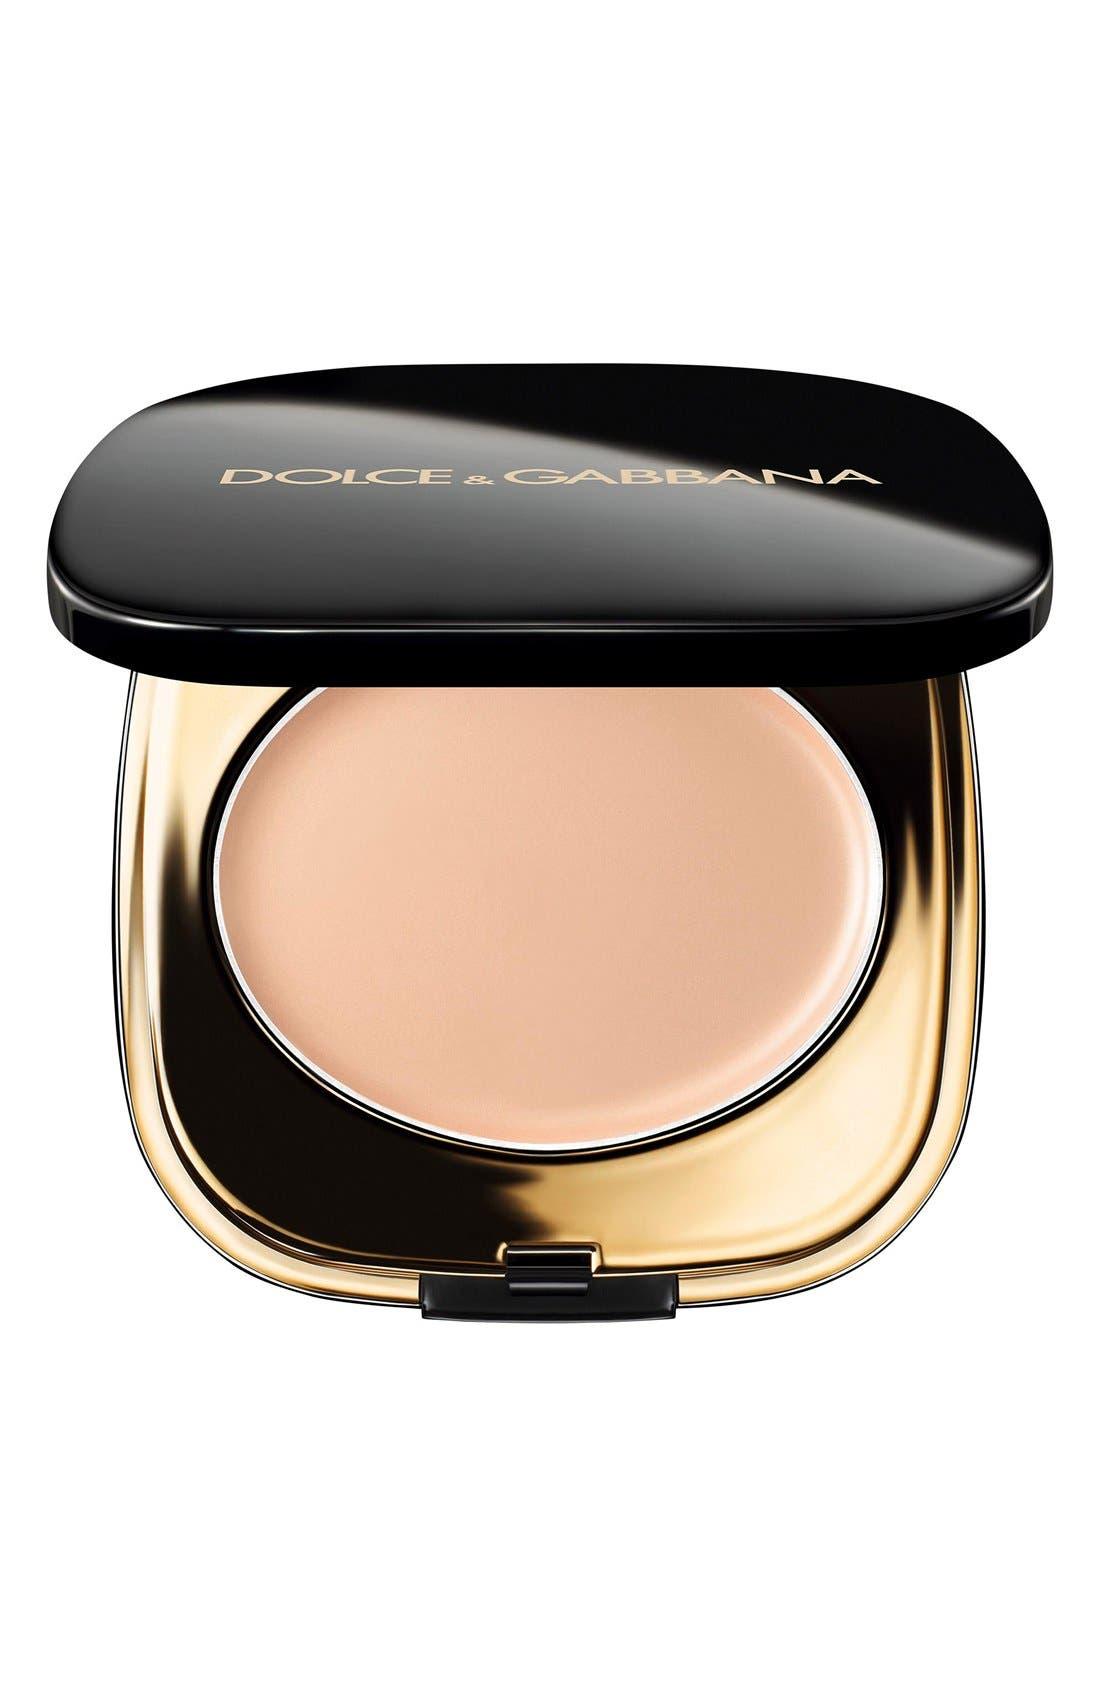 Dolce&Gabbana Beauty 'Blush of Roses - Rosa del Mattino' Creamy Face Colour